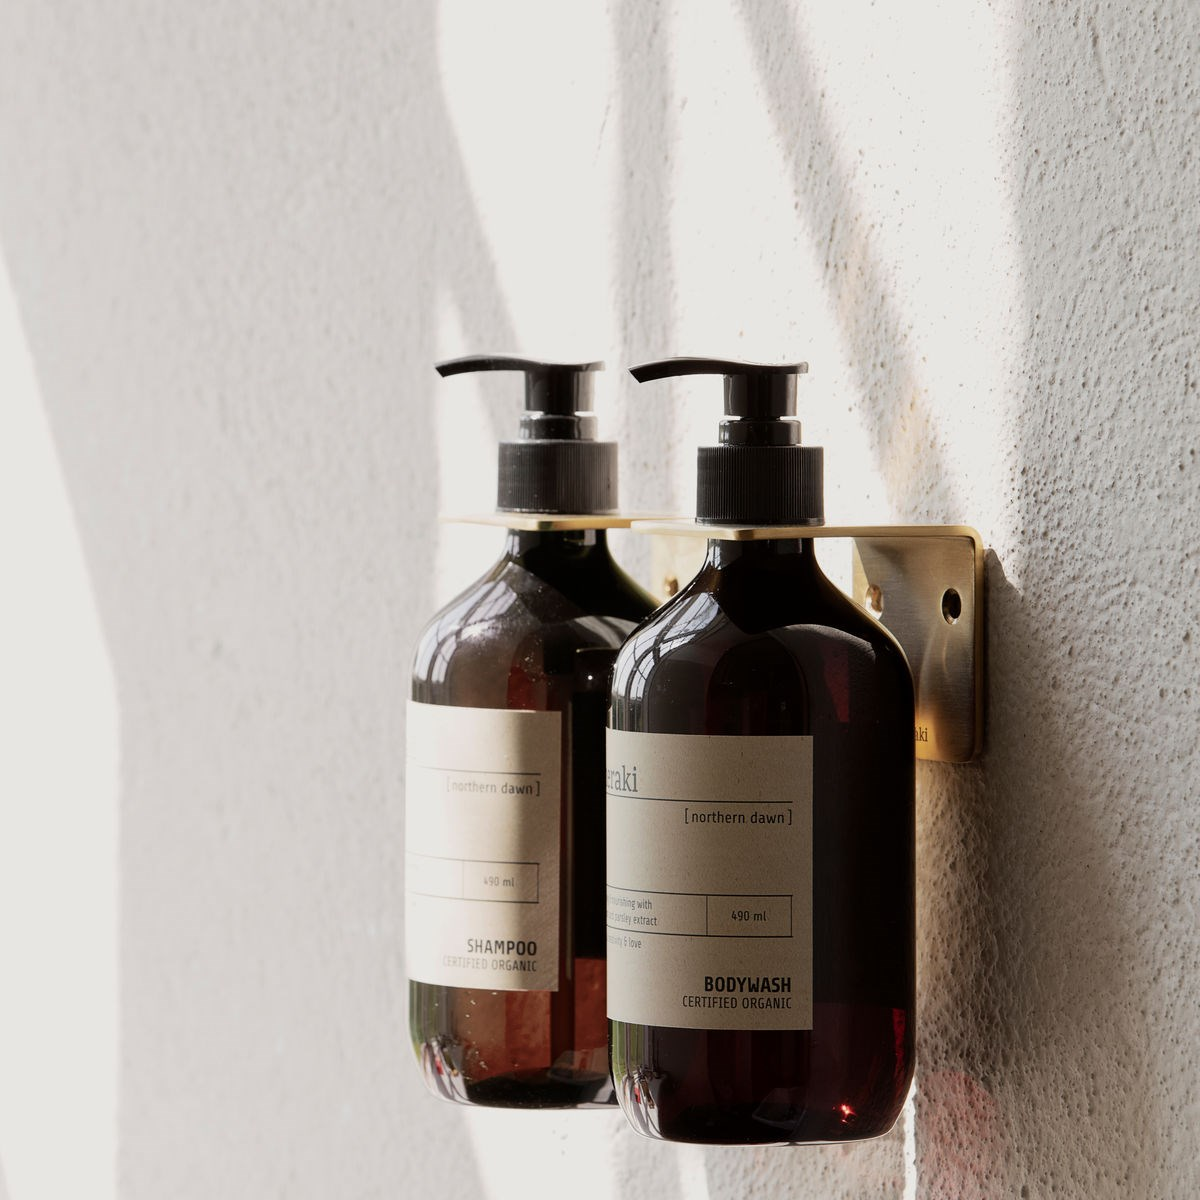 Šampon na vlasy pro větší objem NORTHERN DAWN 490 ml_0